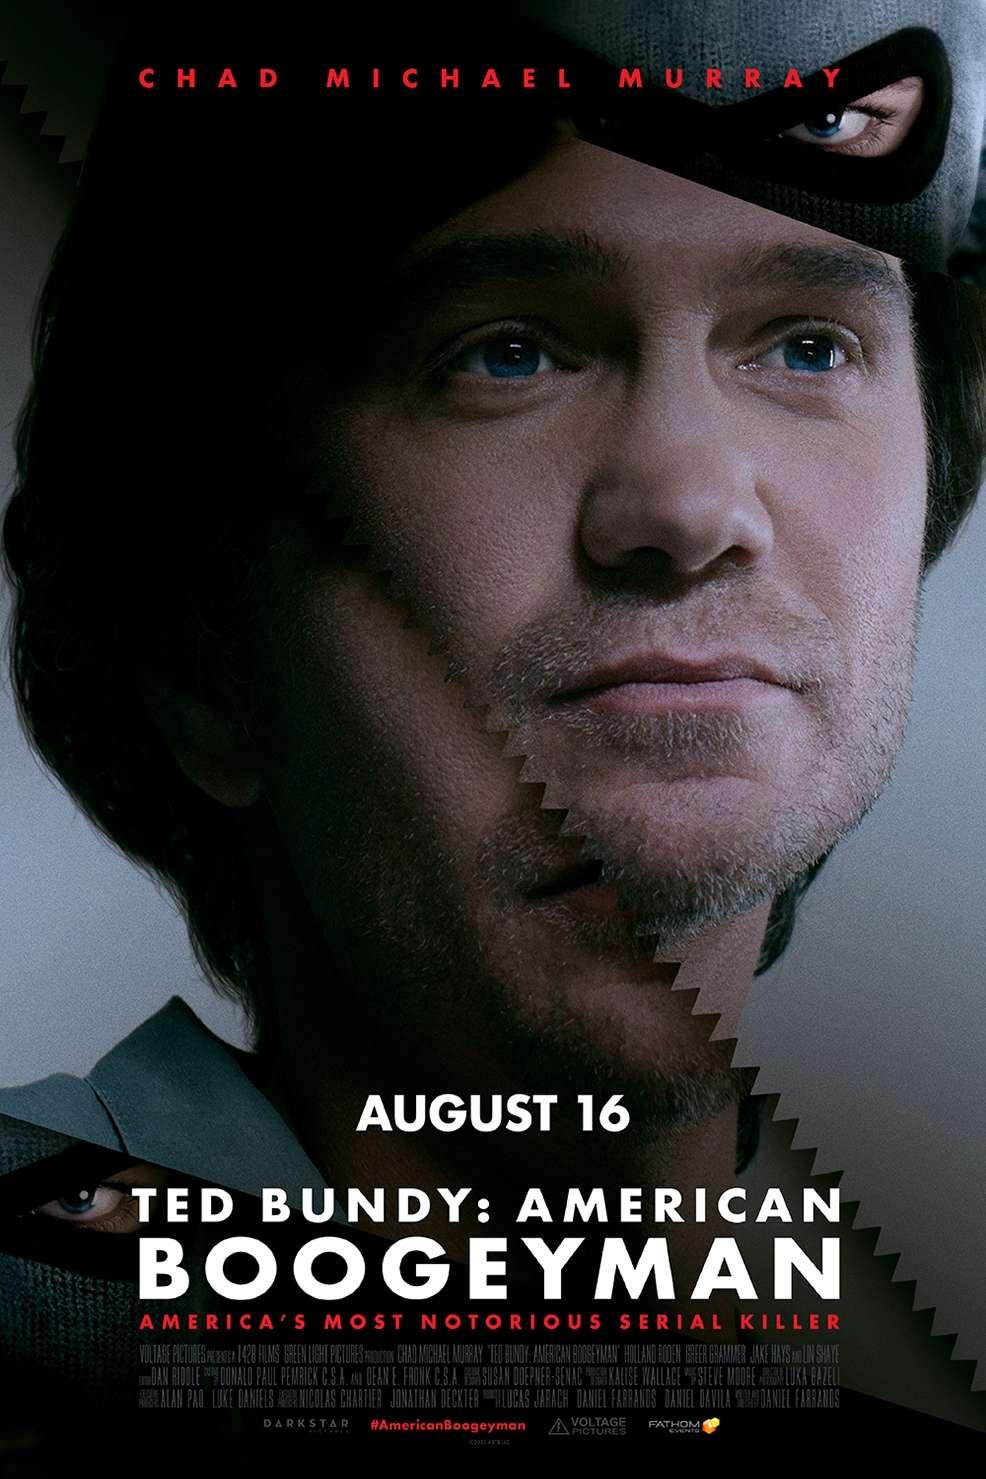 Ted Bundy: American Boogeyman kapak